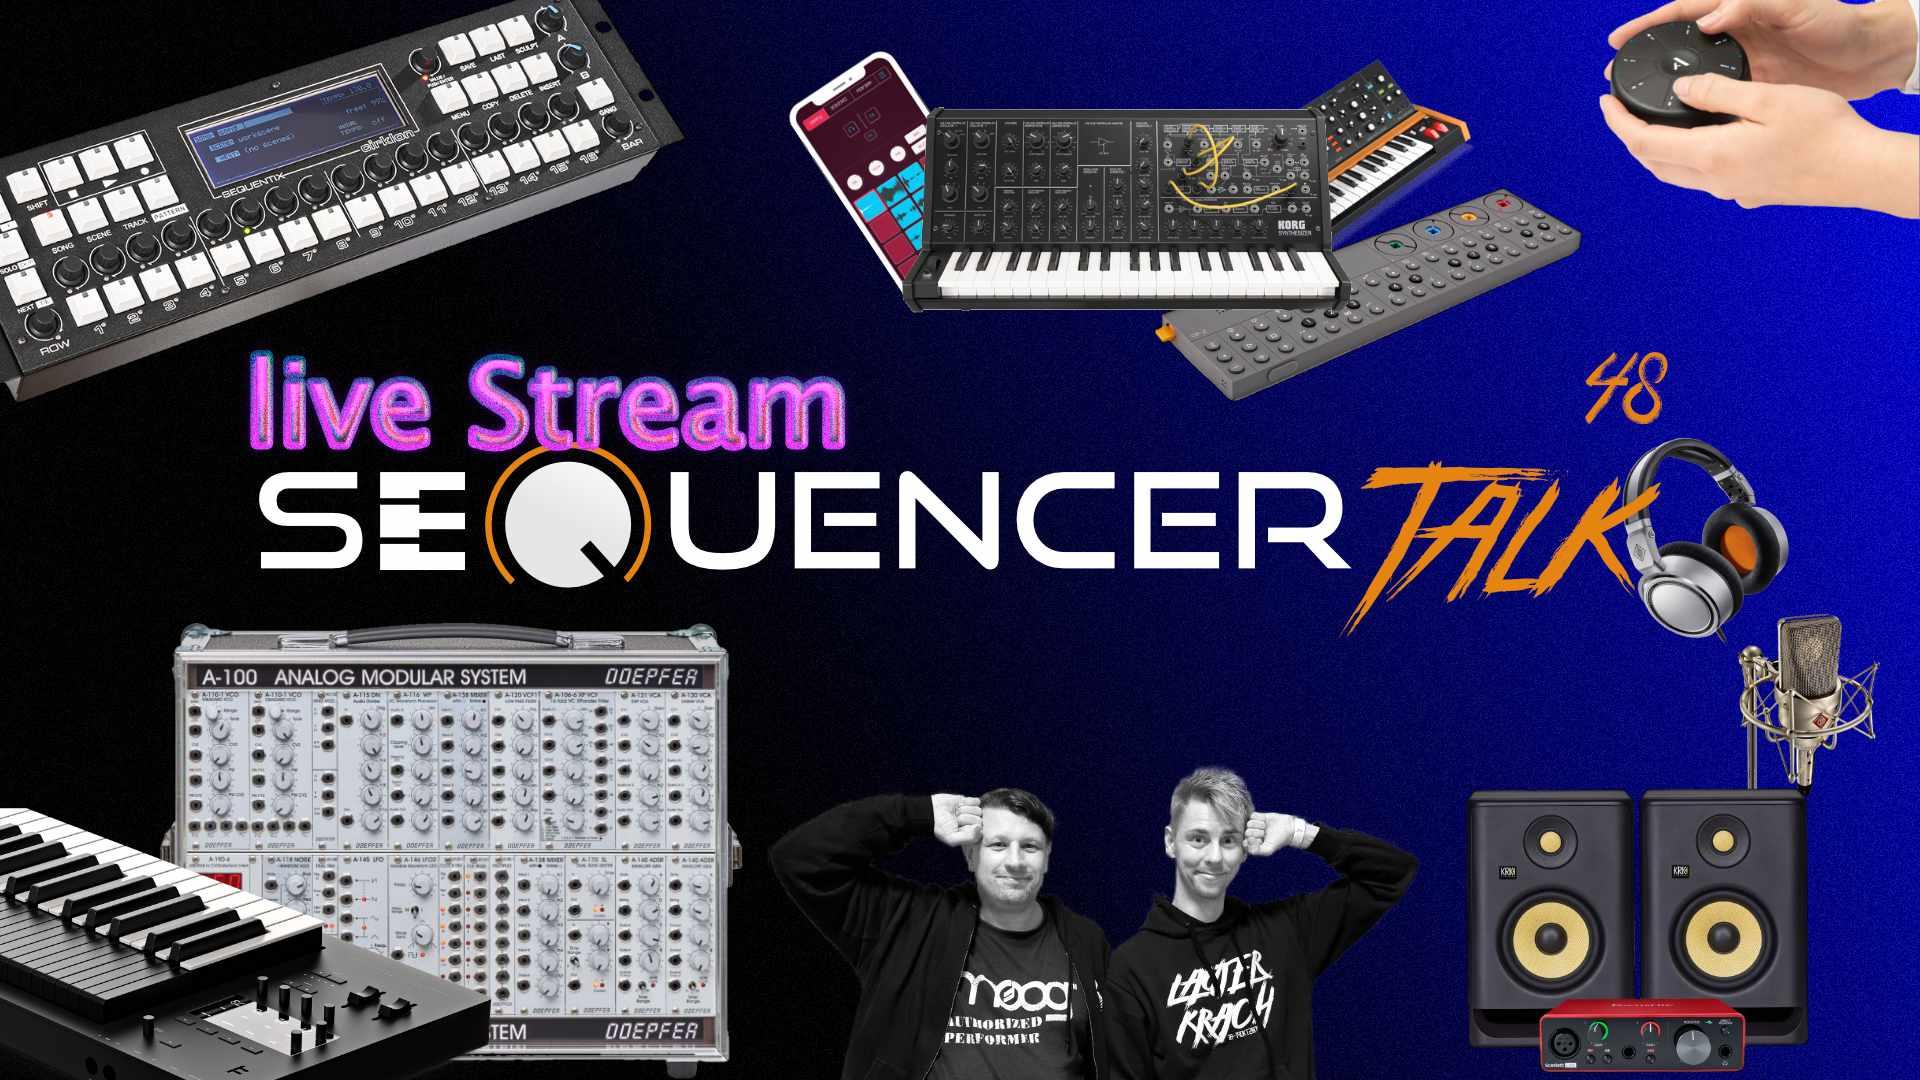 SequencerTalk 48